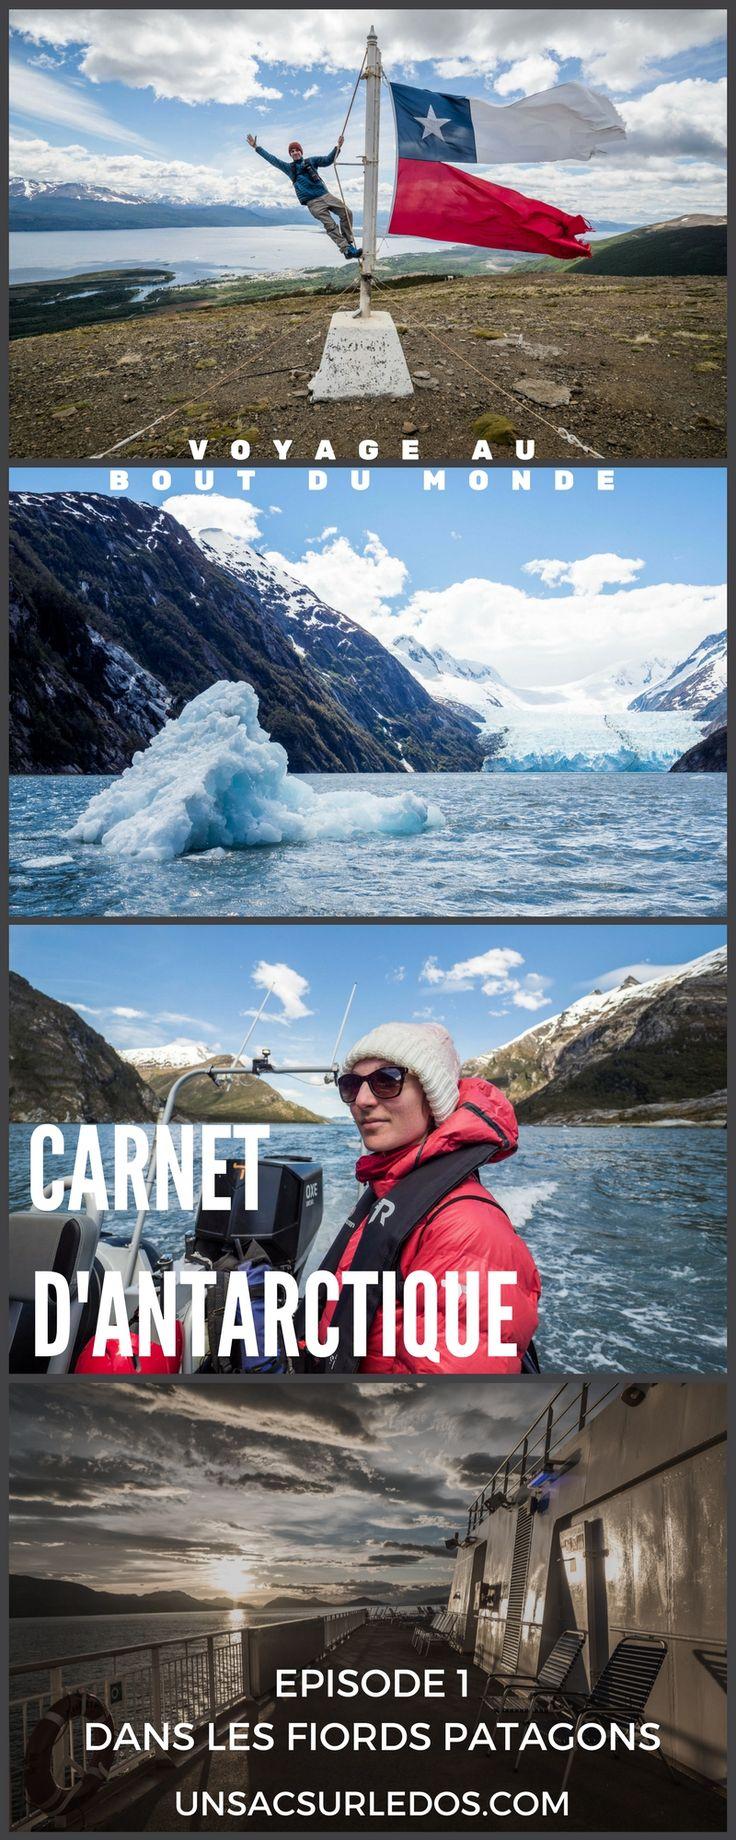 Des paysages à couper le souffle, on s'attendait à en trouver durant ce voyage en Antarctique... mais pas dès les premiers jours !  Croisière du fin fond de la #Patagonie, cap vers le #CapHorn et l' #Antarctique...  #voyage #croisiere #bateau #Chili #journaldebord #carnetdevoyage #PuntaArenas #PuertoWilliams #glacier #aventure #polaire #PoleSud